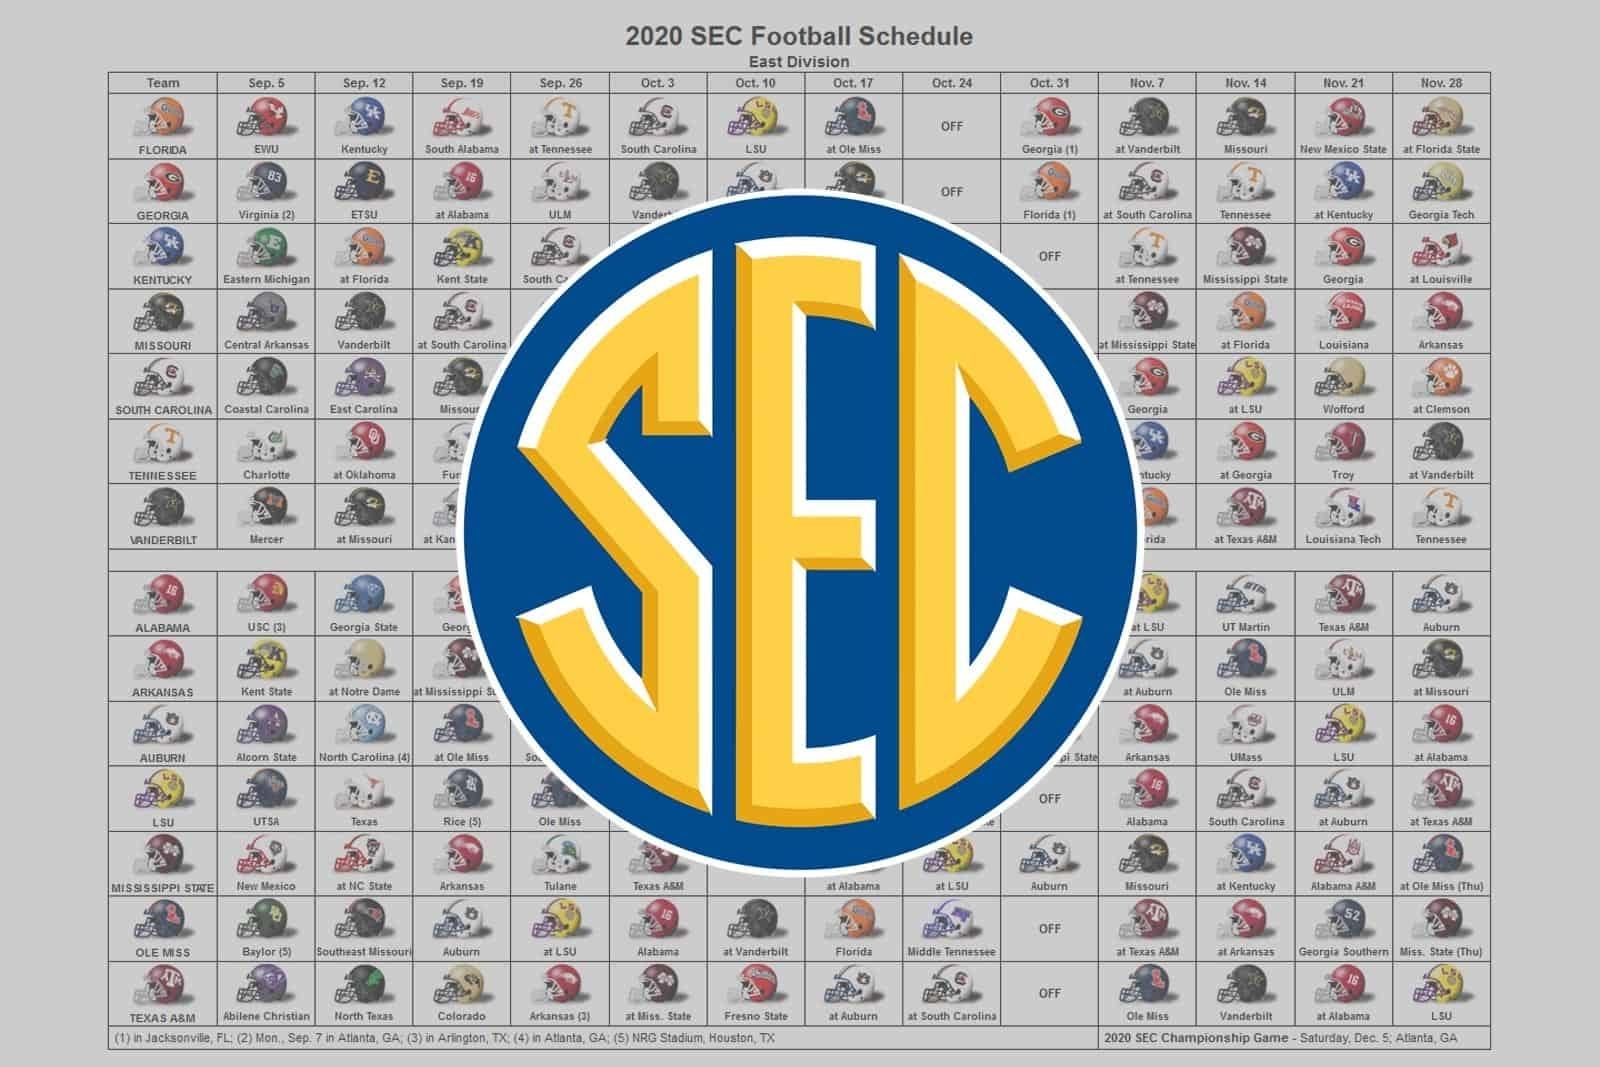 2020 Sec Football Helmet Schedule regarding Printable Nfl Schedule 2019 2020